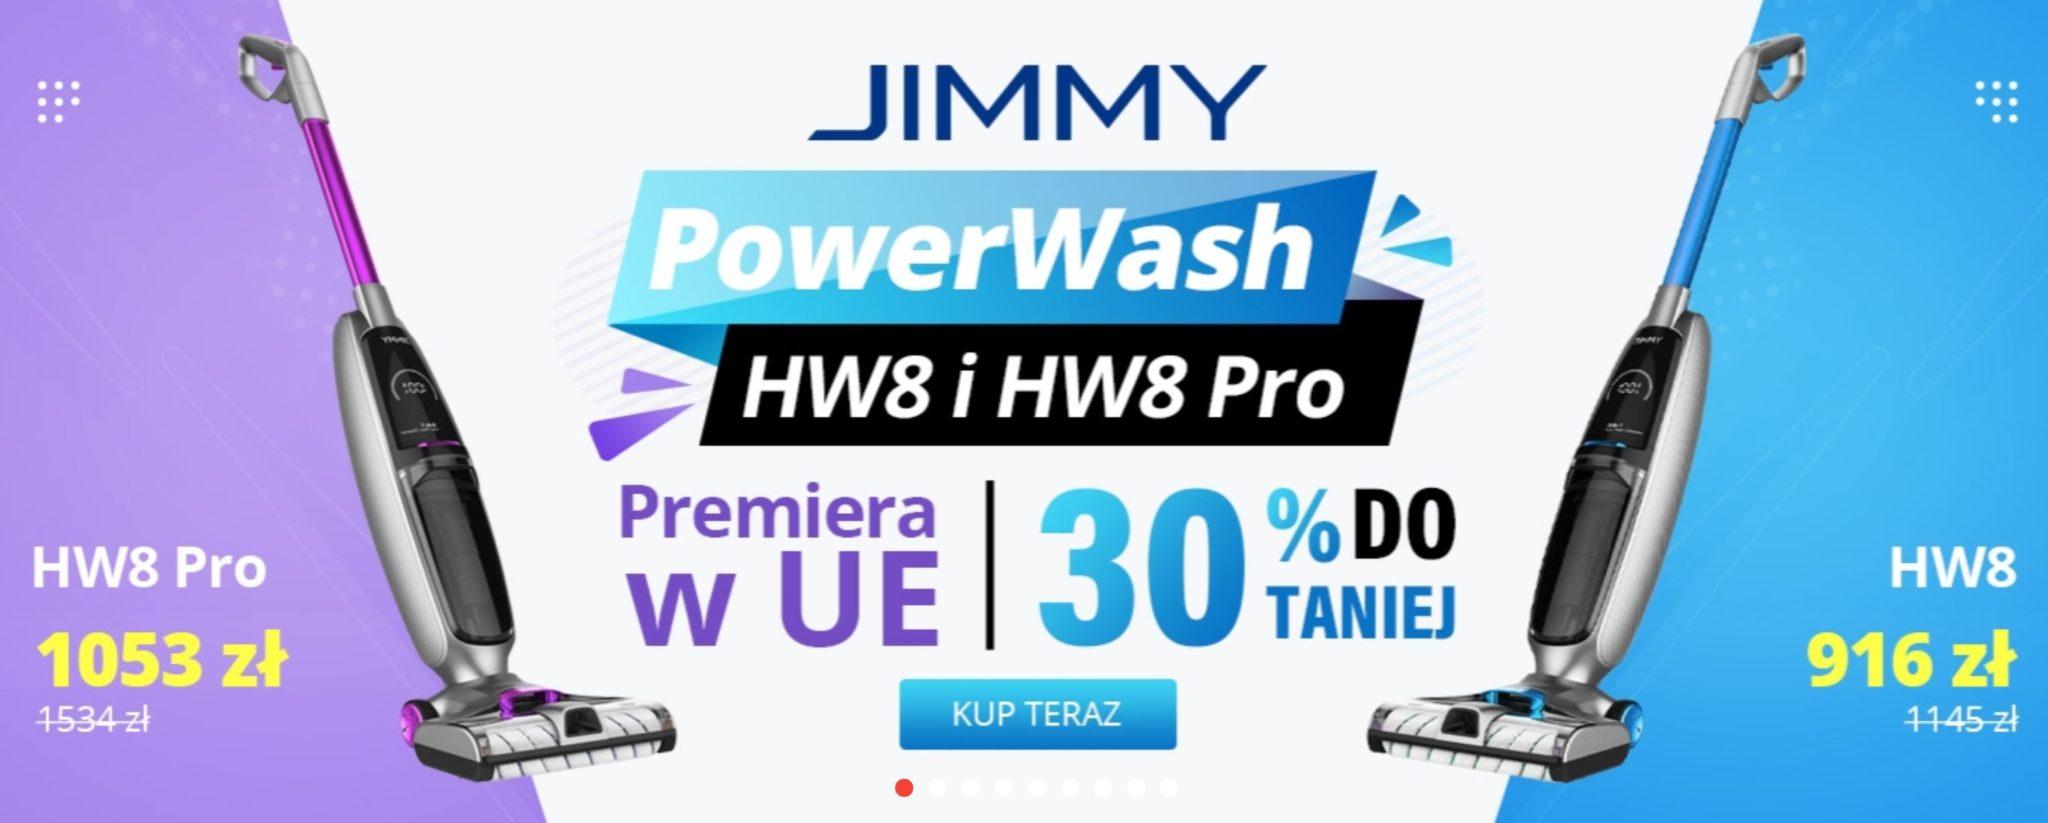 Jimmy HW 8 i HW8 Pro z wysyłką z polski - kody rabatowe